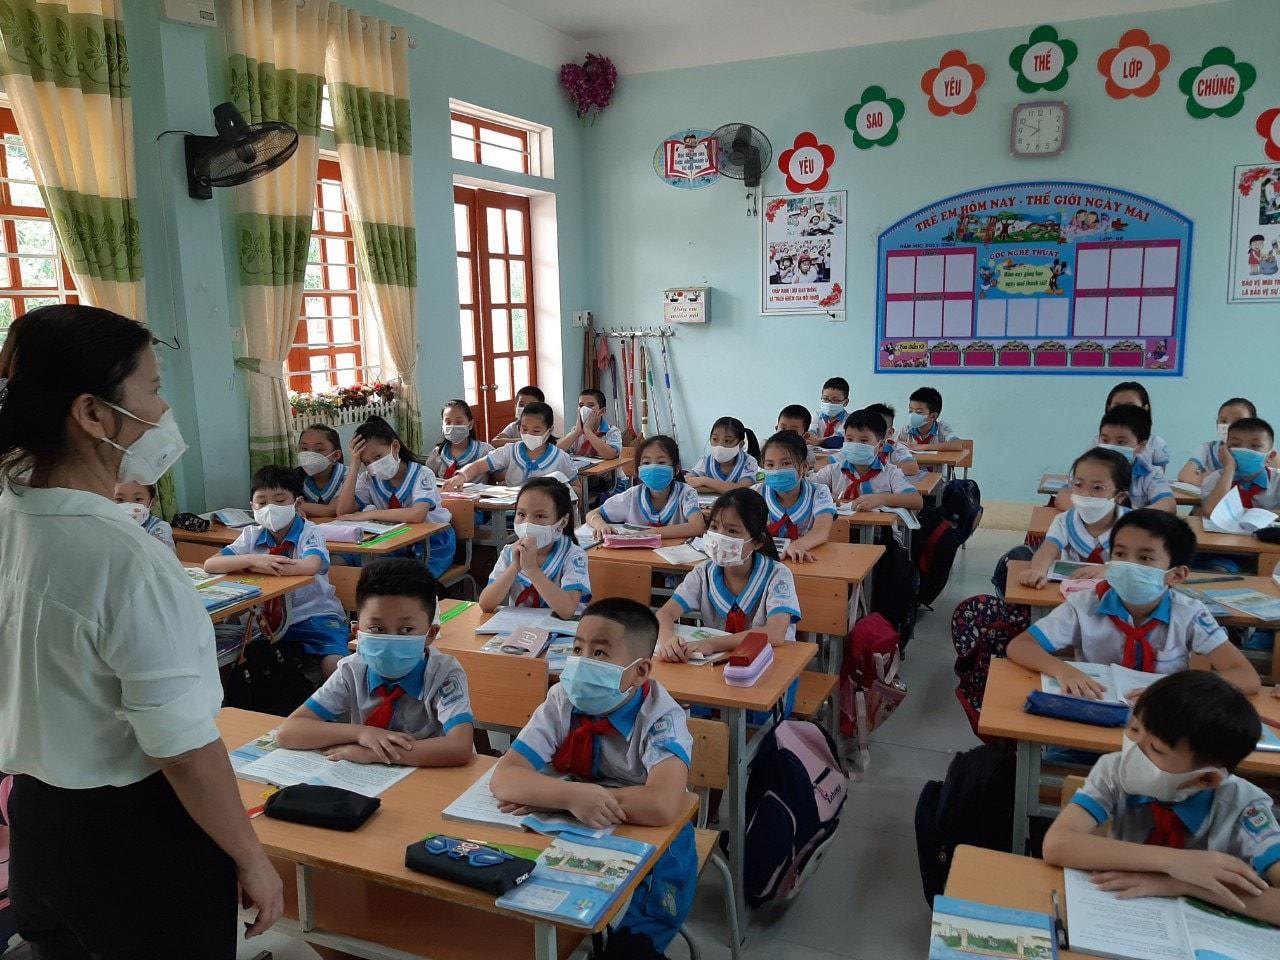 Học sinh nhiều địa phương ở Nghệ An chuyển sang học trực tiếp